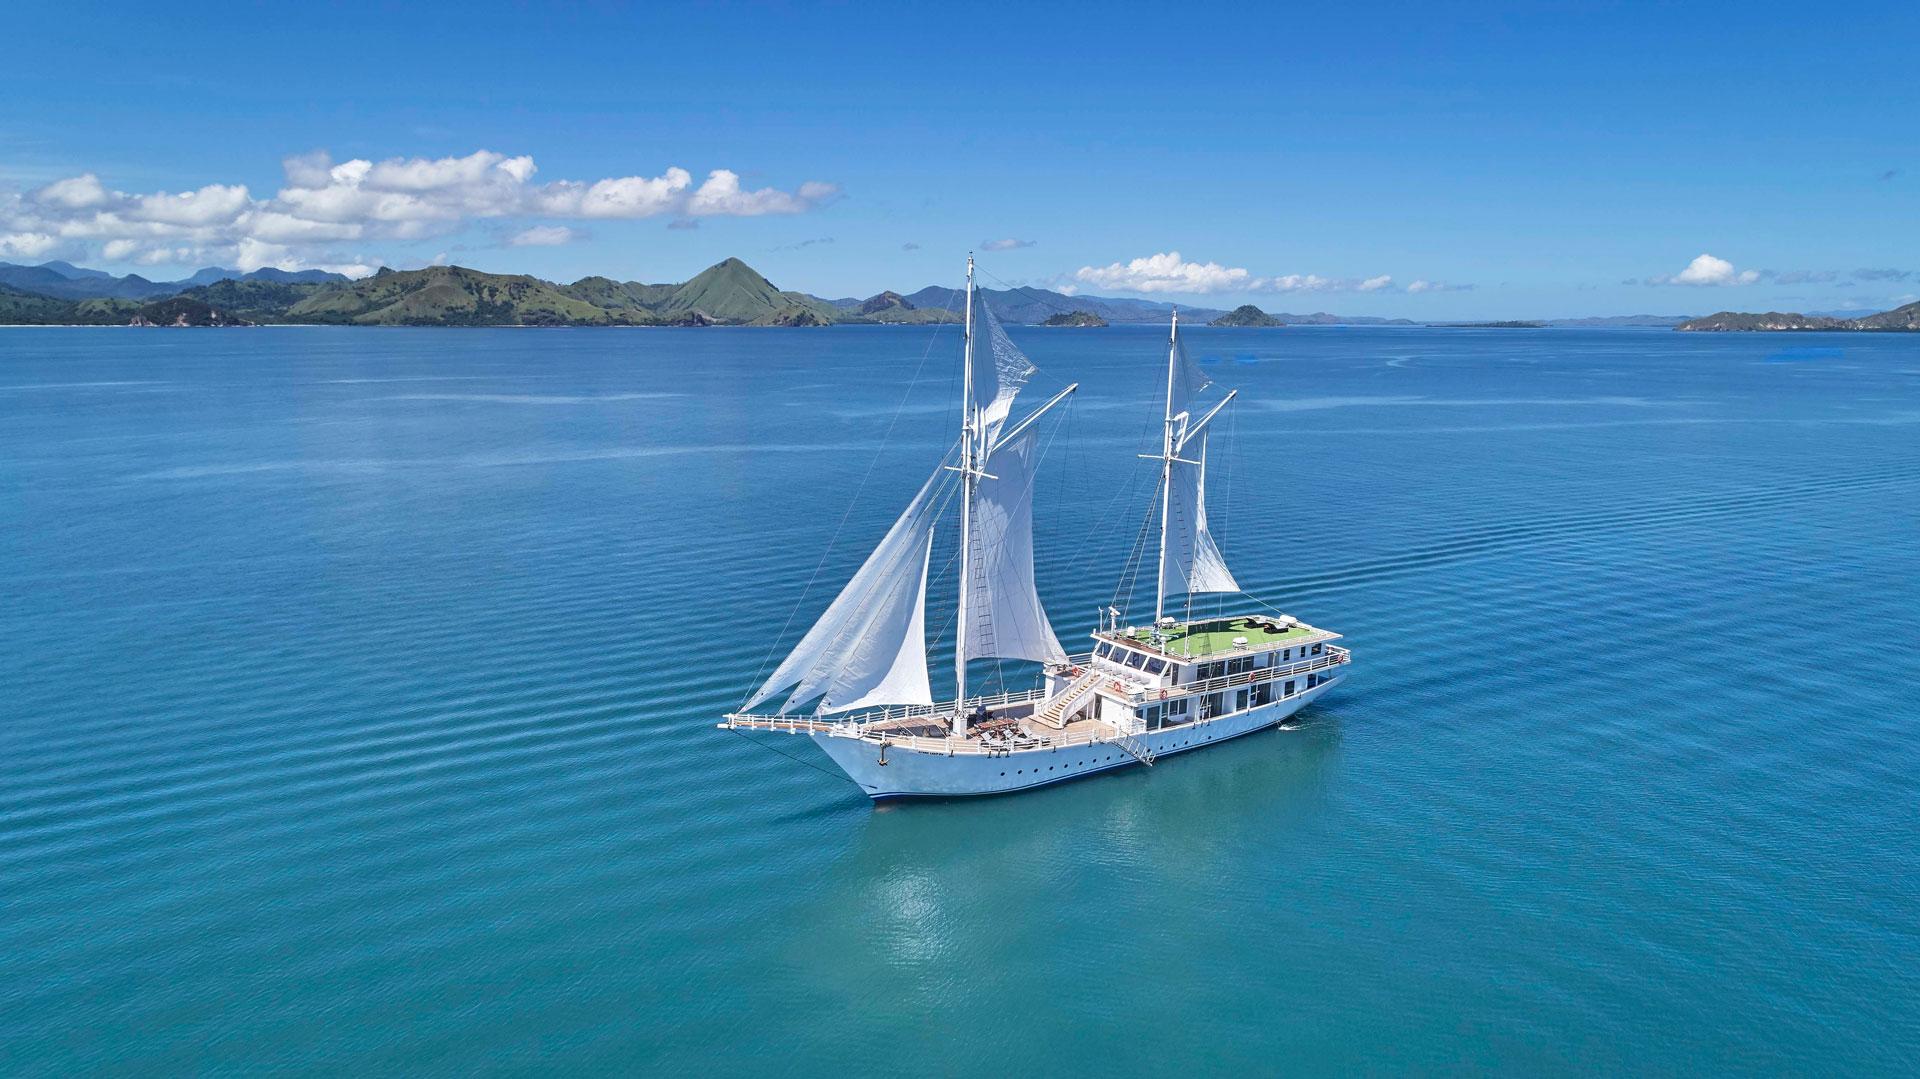 アヤナ ラコディア号で美しい海を堪能するあこがれのクルーズ旅を体験